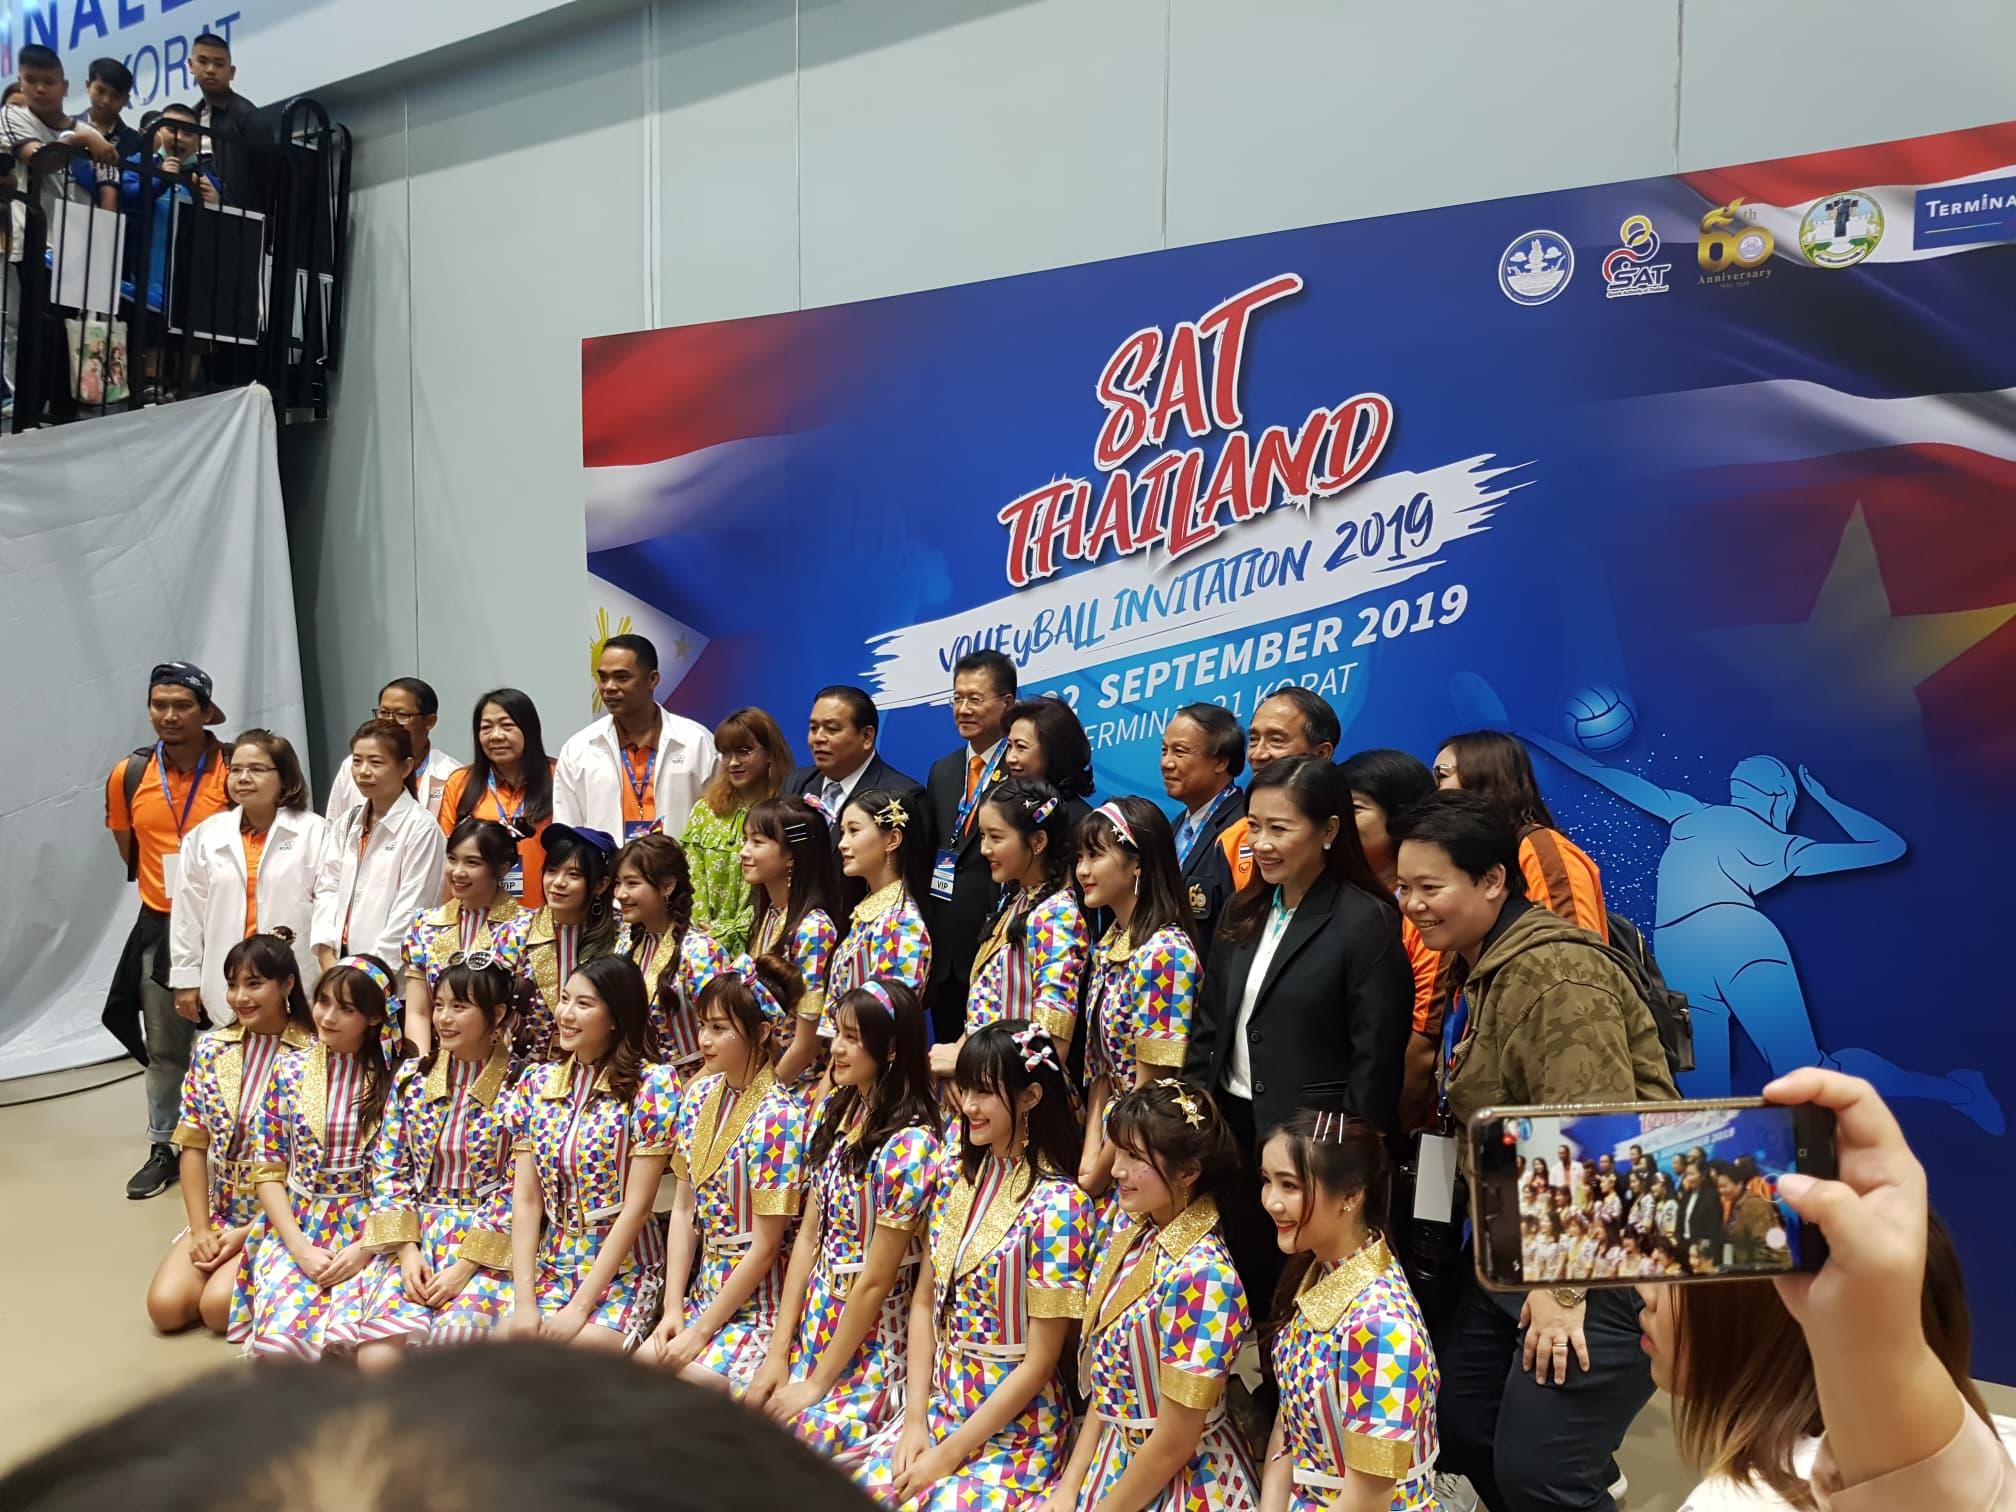 งานเปิดการแข่งขัน SAT-Thailand Volleyball Invitation 2019 ที่โคราช